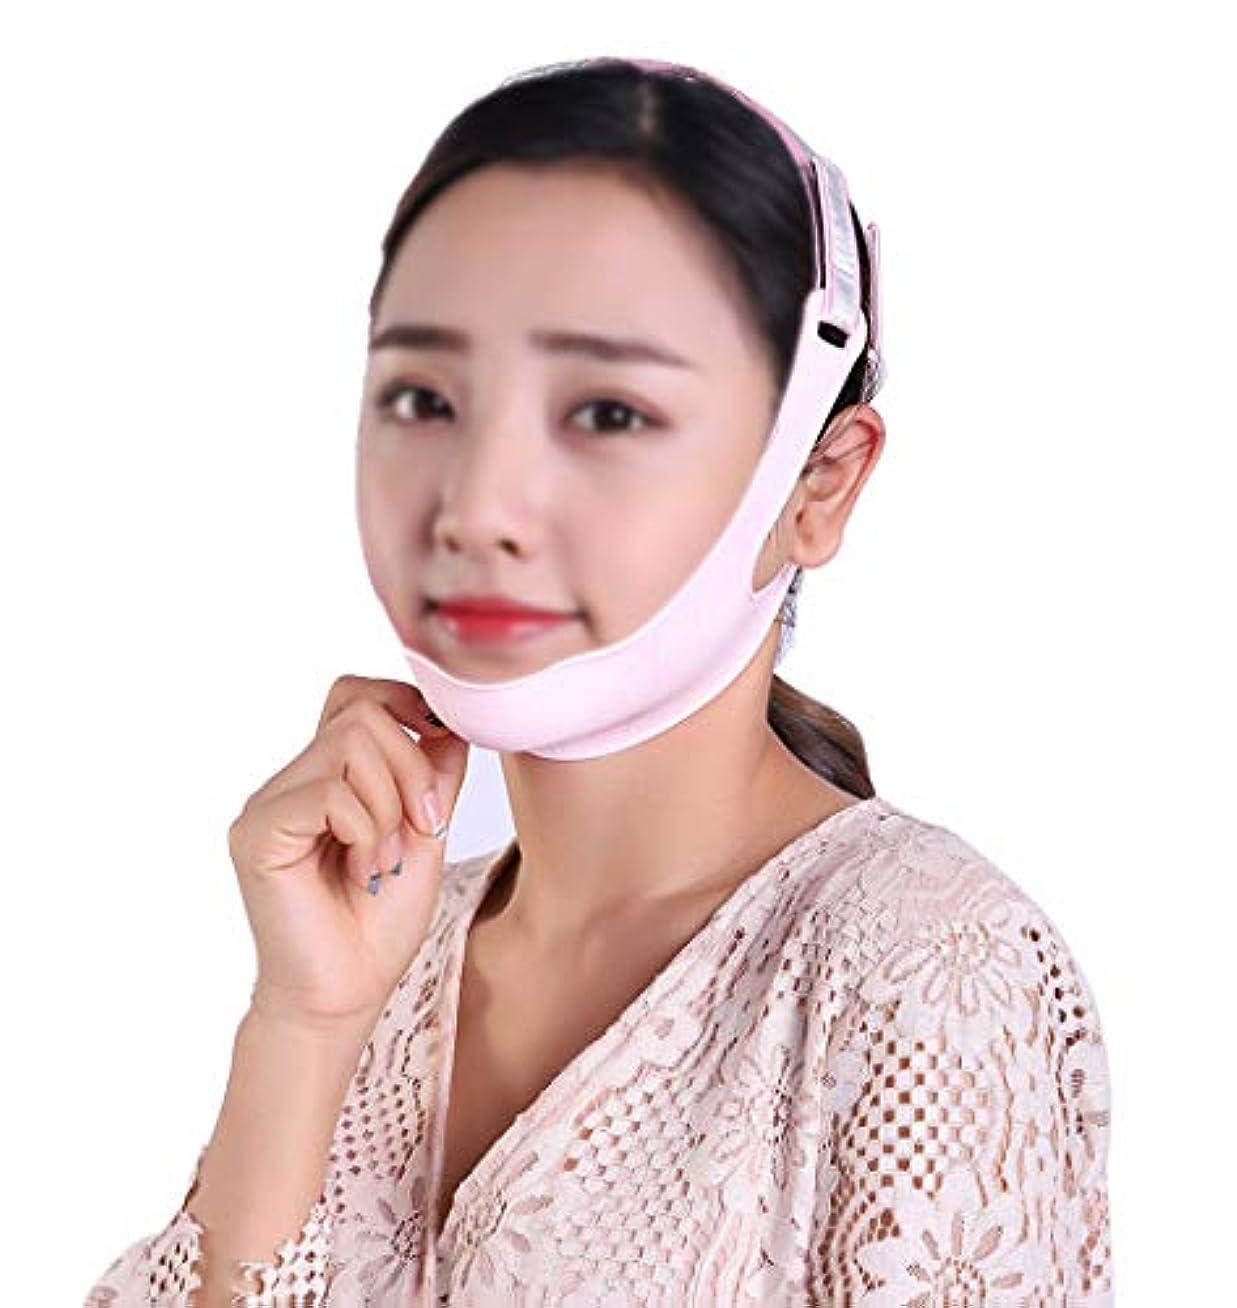 雇用直径遊びますGLJJQMY フェイシャルリフティングマスクシリコンVマスク引き締めフェイシャル包帯スモールVフェイスアーティファクト防止リラクゼーションフェイシャル&ネックリフティング 顔用整形マスク (Size : L)